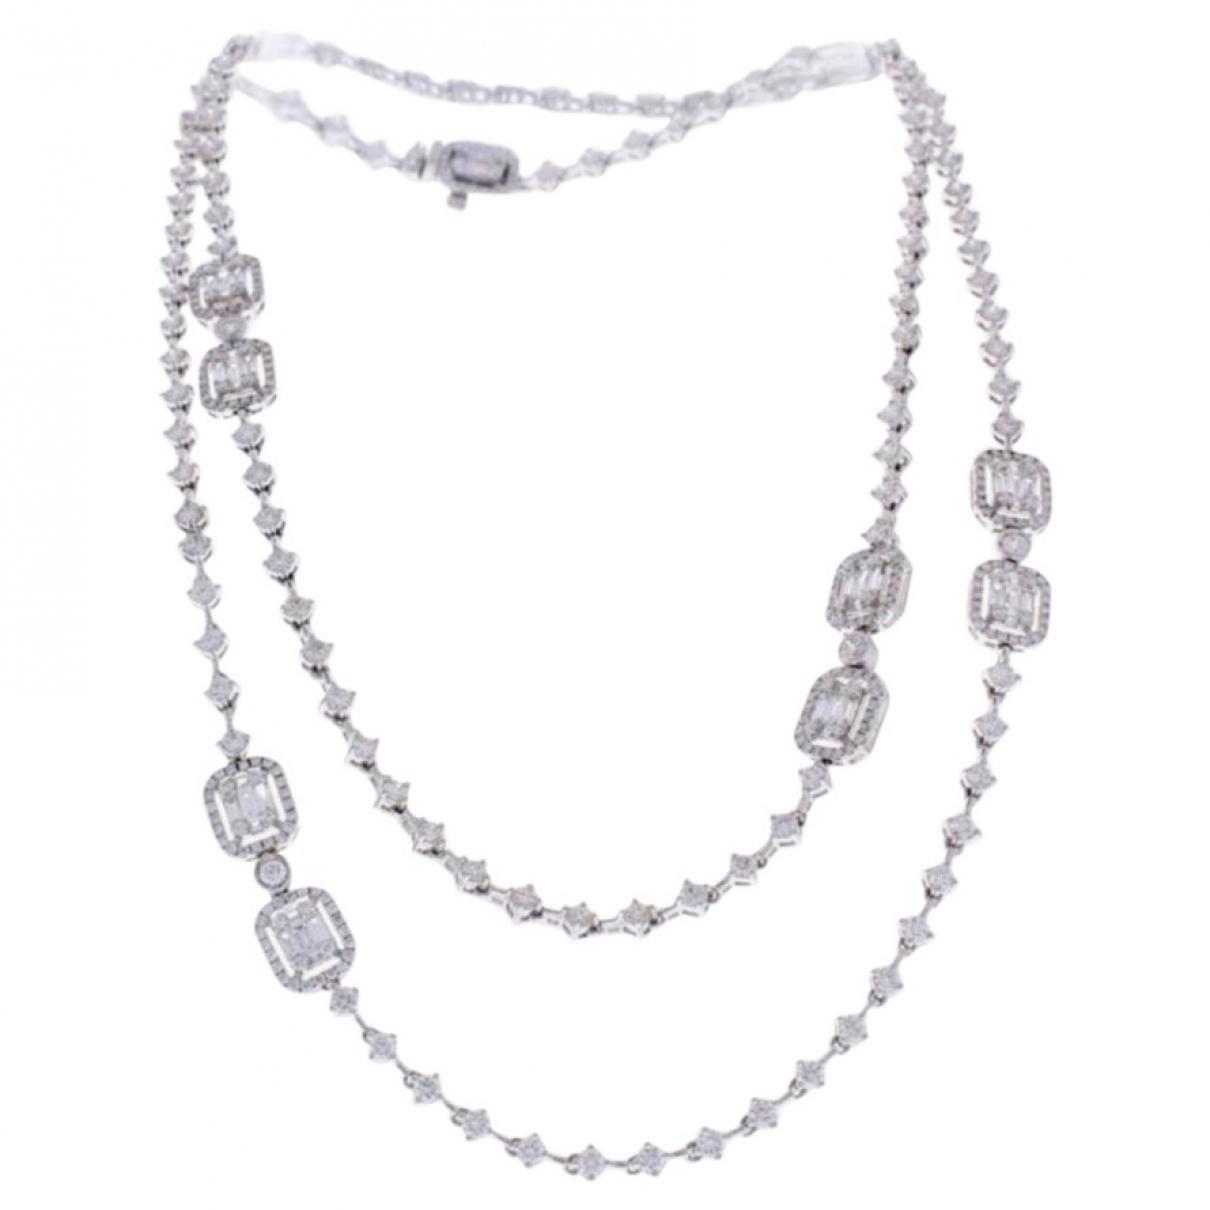 - Sautoir Chaines pour femme en or blanc - blanc